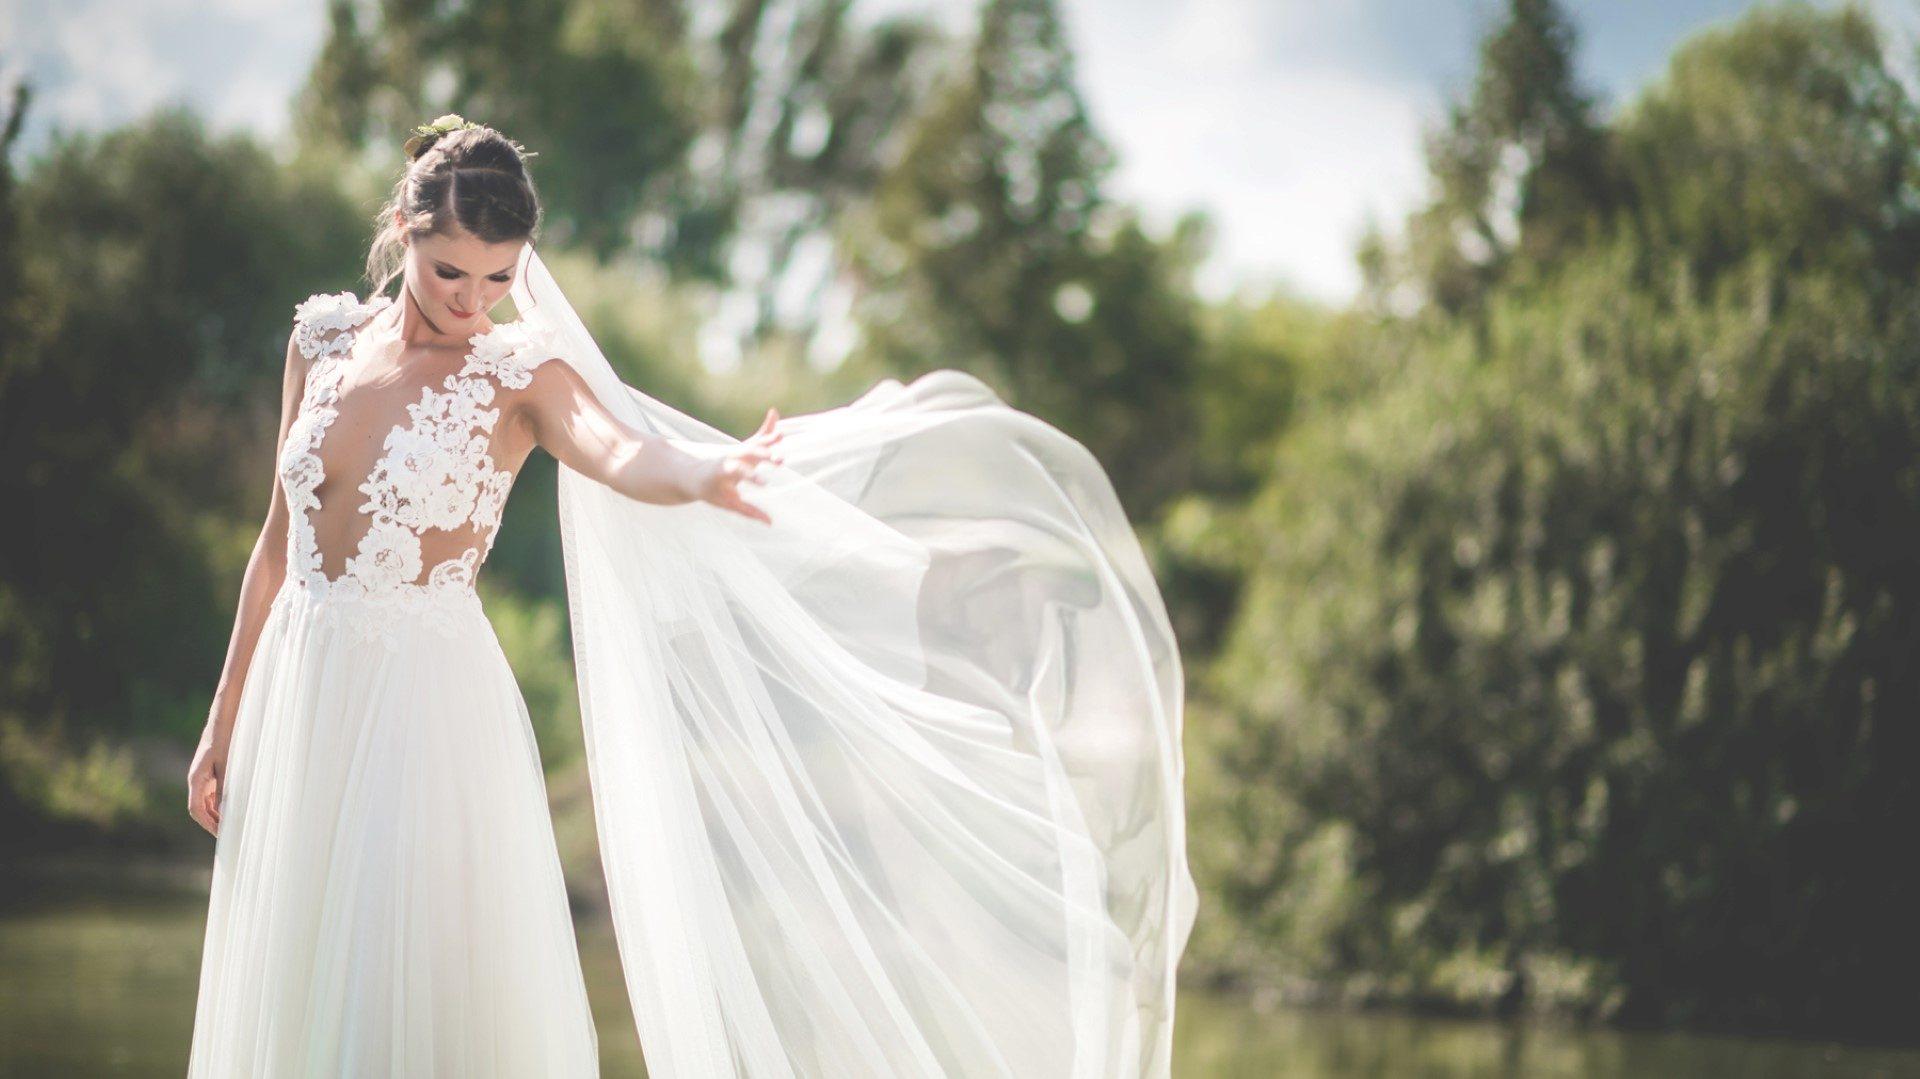 ,romantikus esküvő,,mátyusháza,valódi esküvő,play luna, esküvői helyszín,esküvő,helyszín,rendezvényhelyszín,marangona torta,daalarna ruha,esküvői ruha,menyasszonyi ruha,catering,dekoráció,